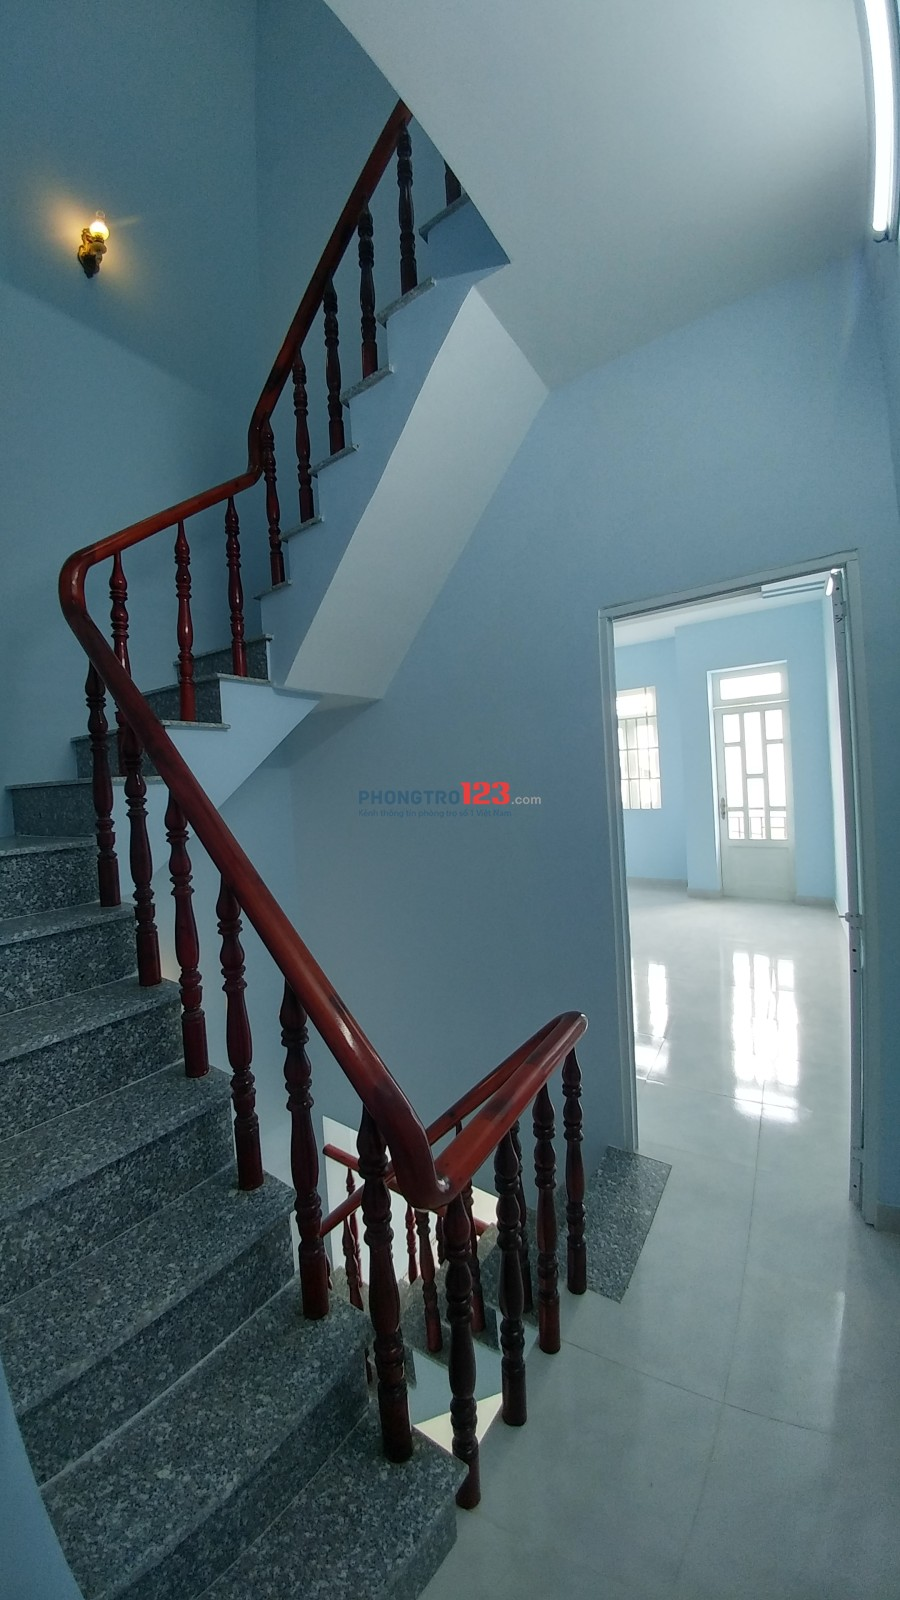 Cho thuê nhà mới nguyên căn, 3 tầng, 4 phòng ngủ, phường 15, quận 8